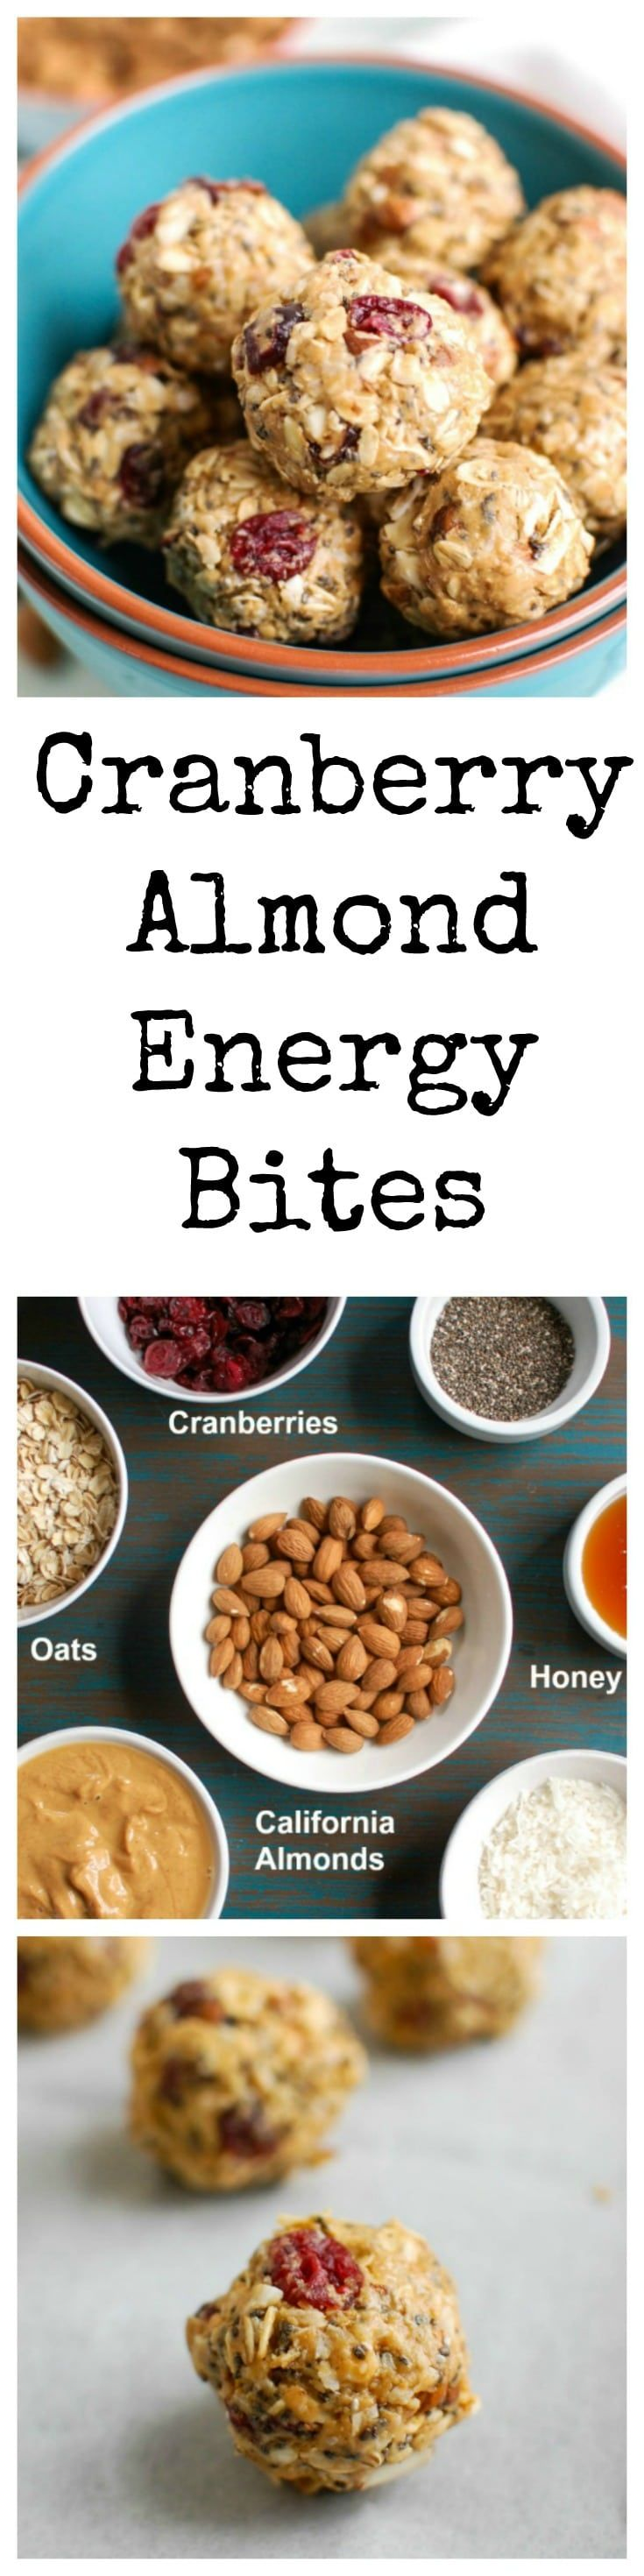 Cranberry Almond Energy Bites - A Cedar Spoon